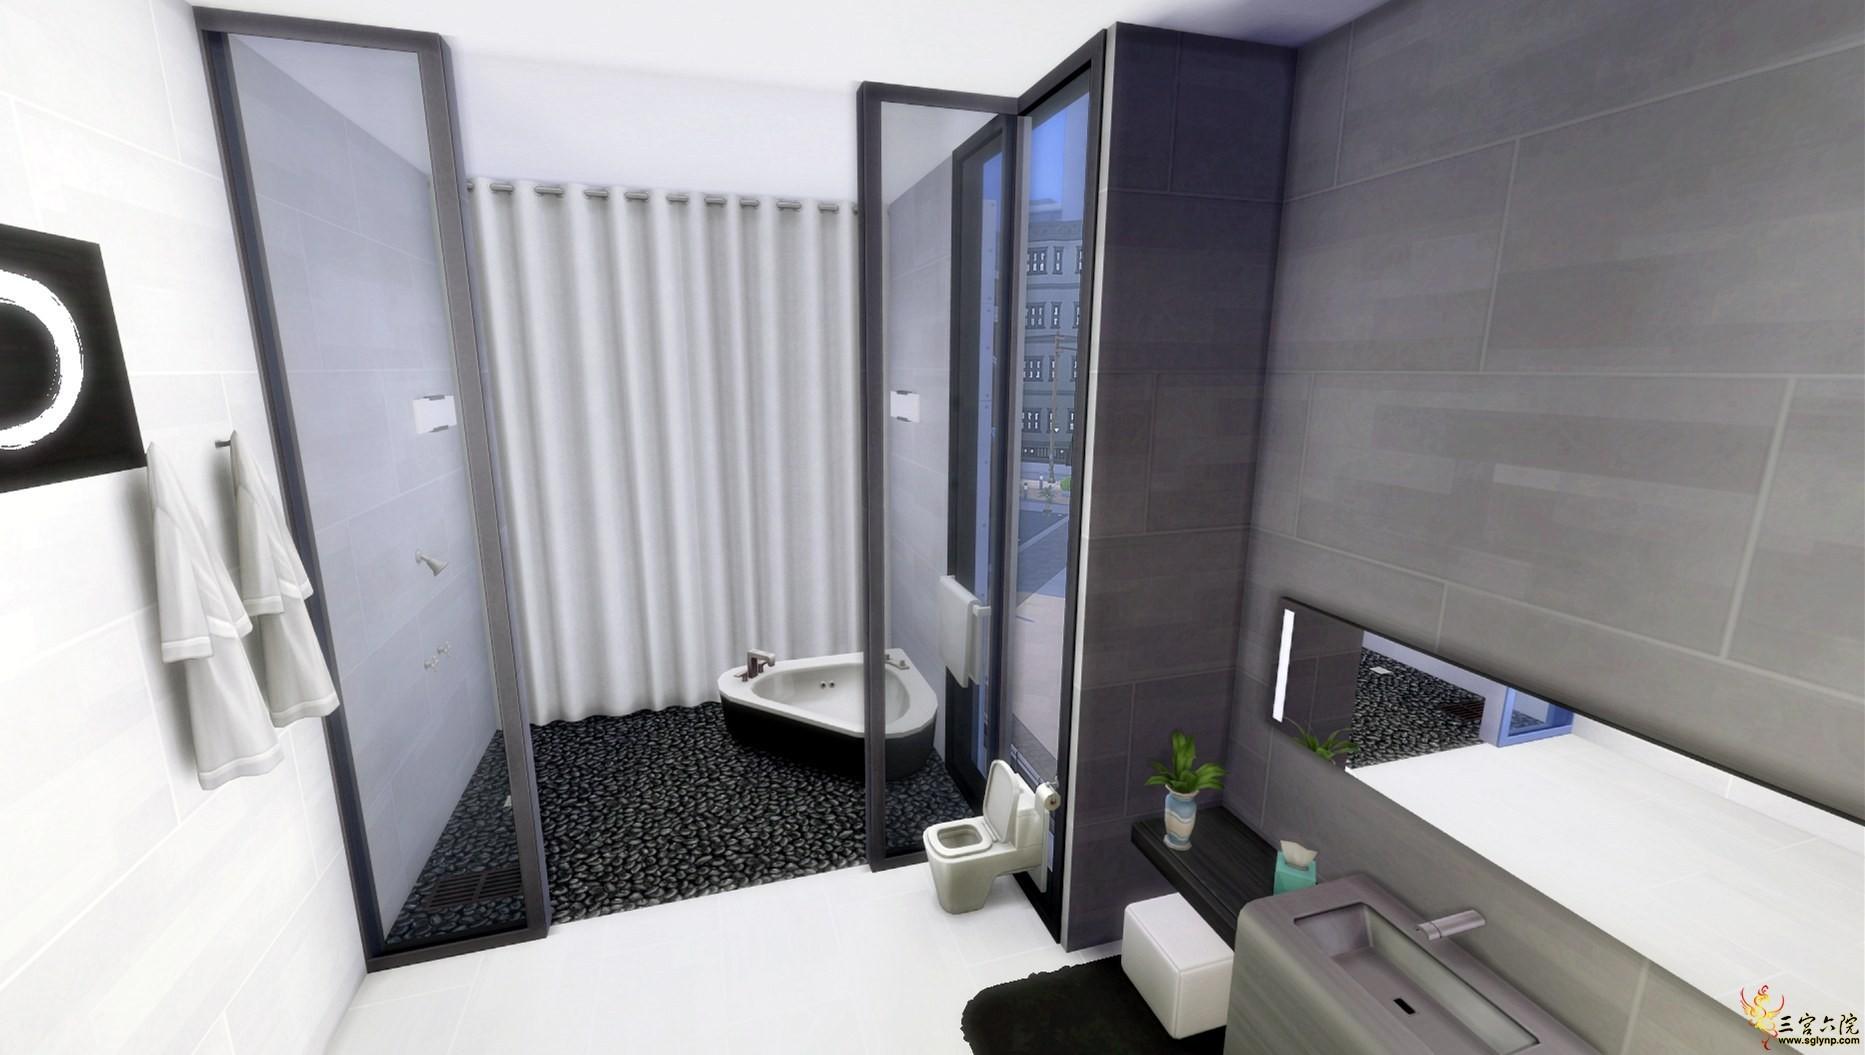 19二楼洗手间 (1).png